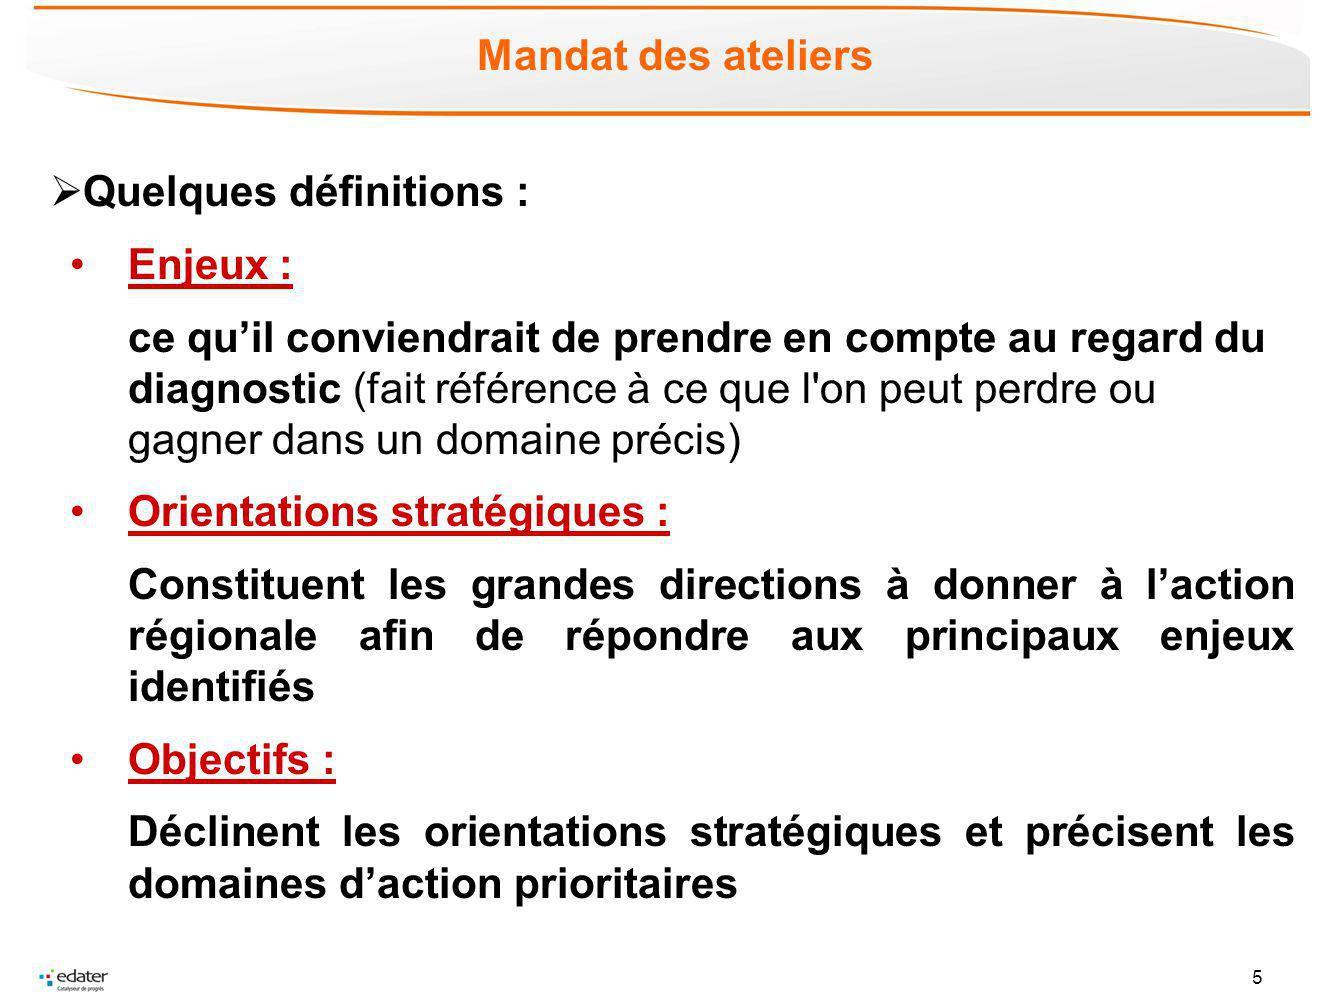 5 Mandat des ateliers Quelques définitions : Enjeux : ce quil conviendrait de prendre en compte au regard du diagnostic (fait référence à ce que l'on